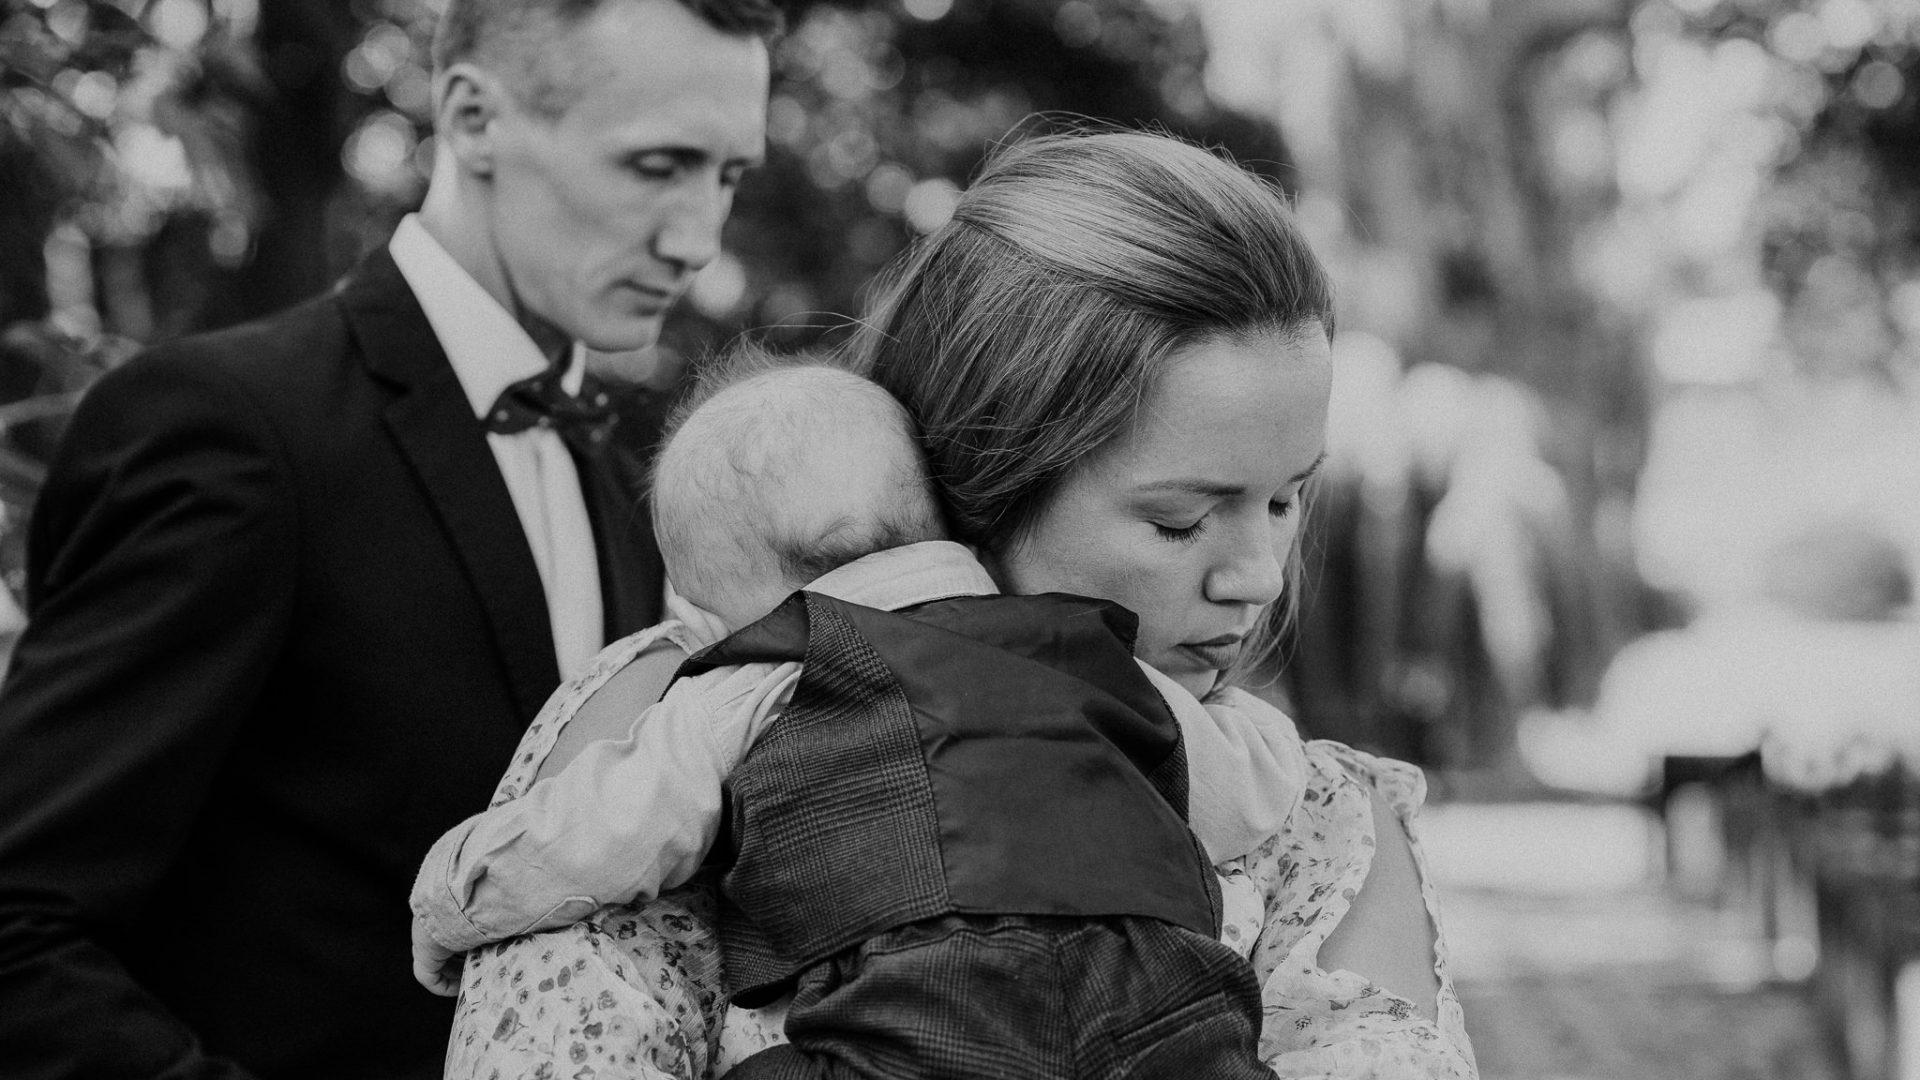 Matka trzymając dziecko na ręku idzie wraz z mężem na chrzest w kościele